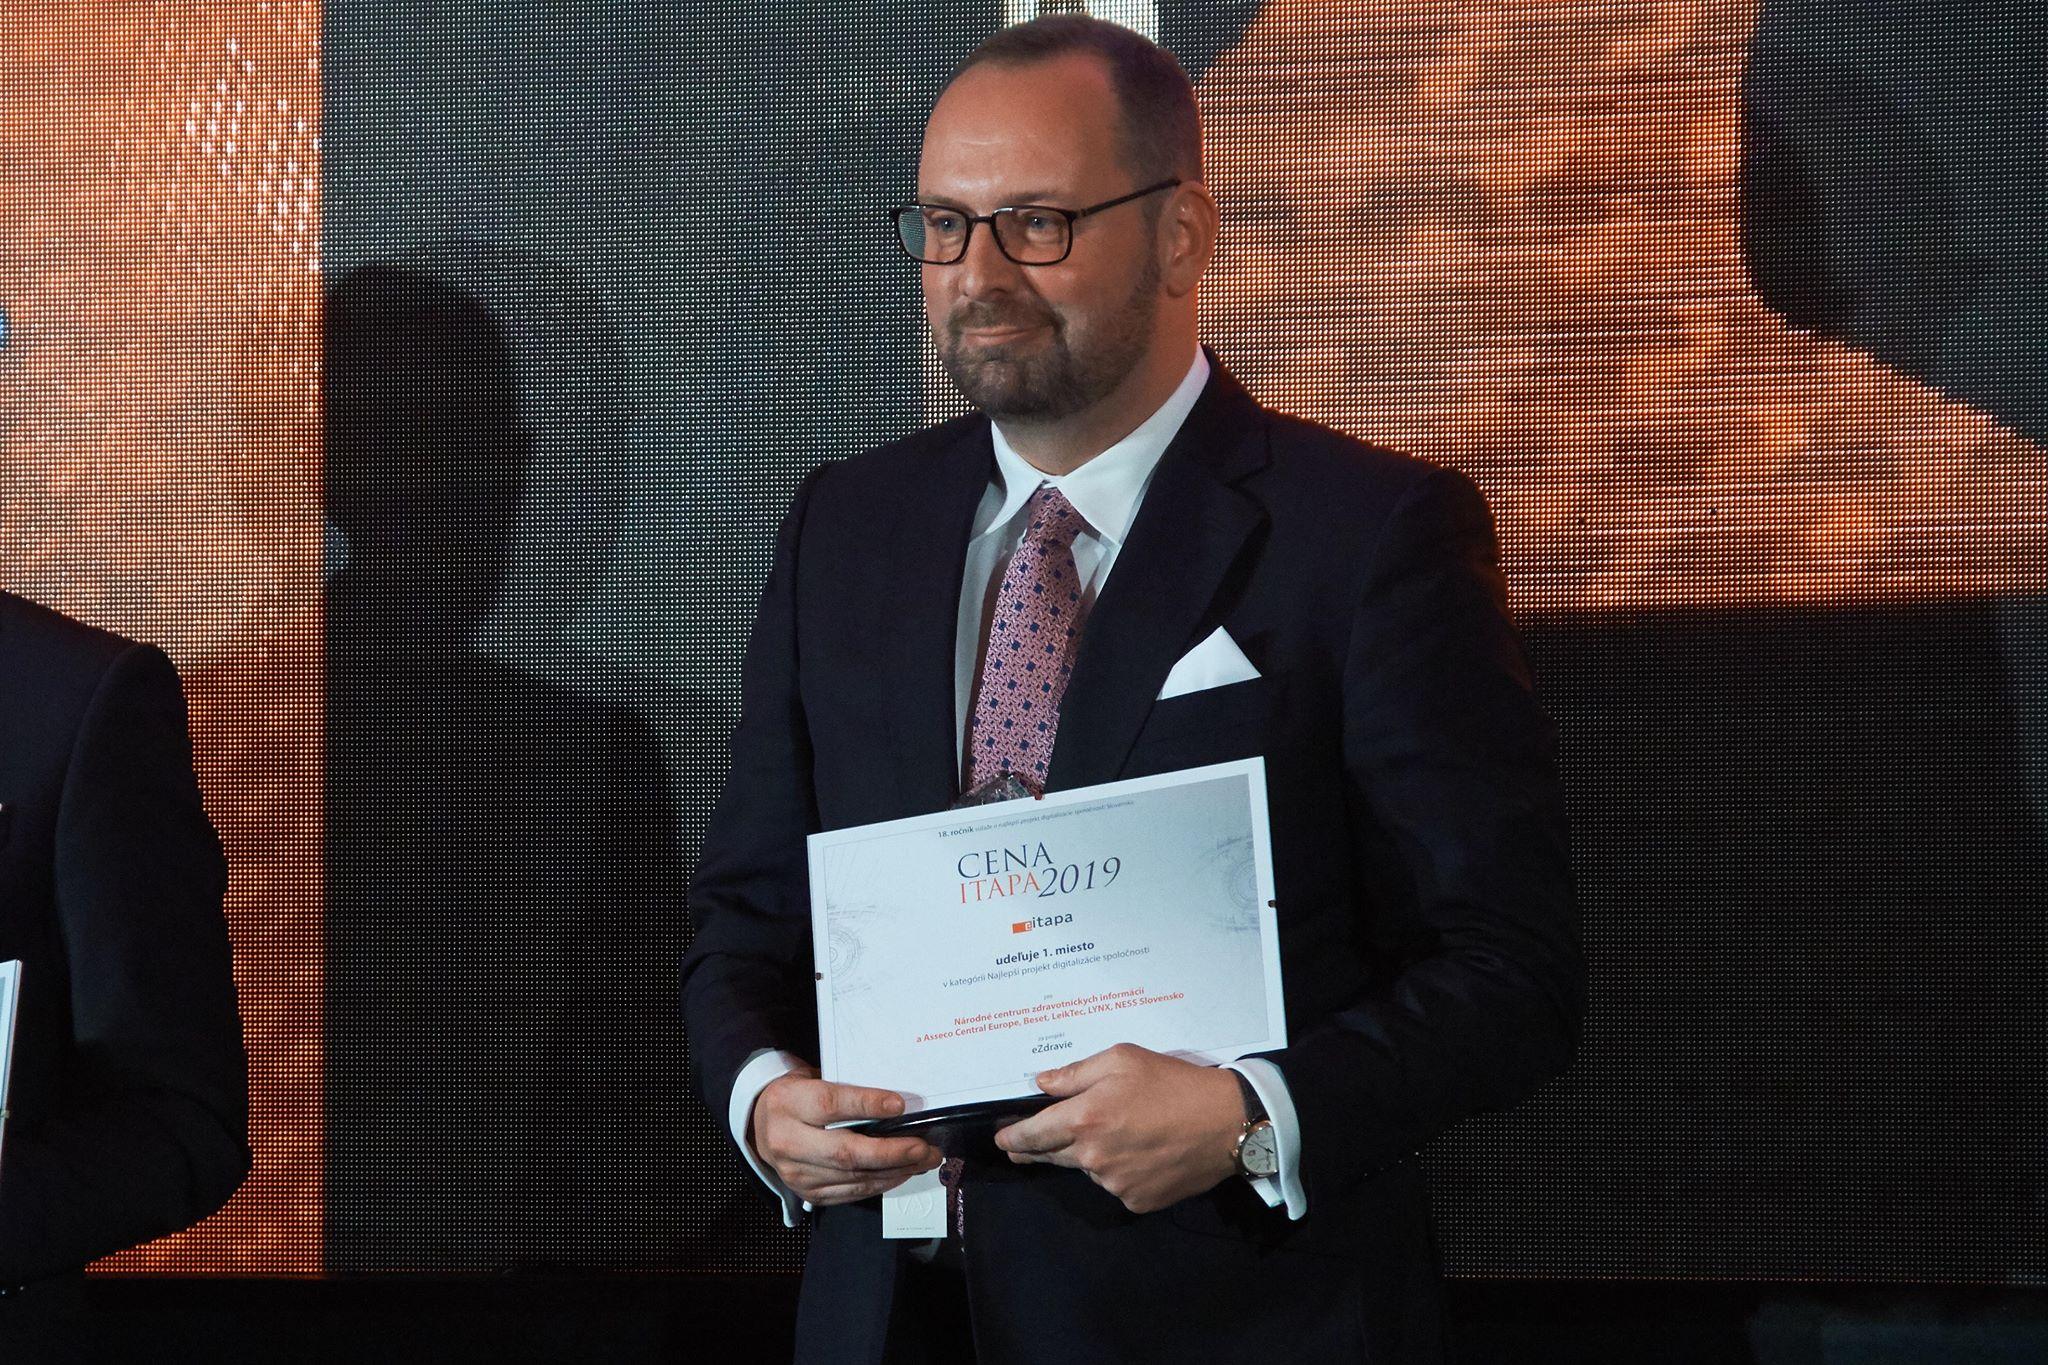 Generálny riaditeľ NCZI s cenou ITAPA za Najlepší projekt digitalizácie, ktorú získal systém ezdravie.